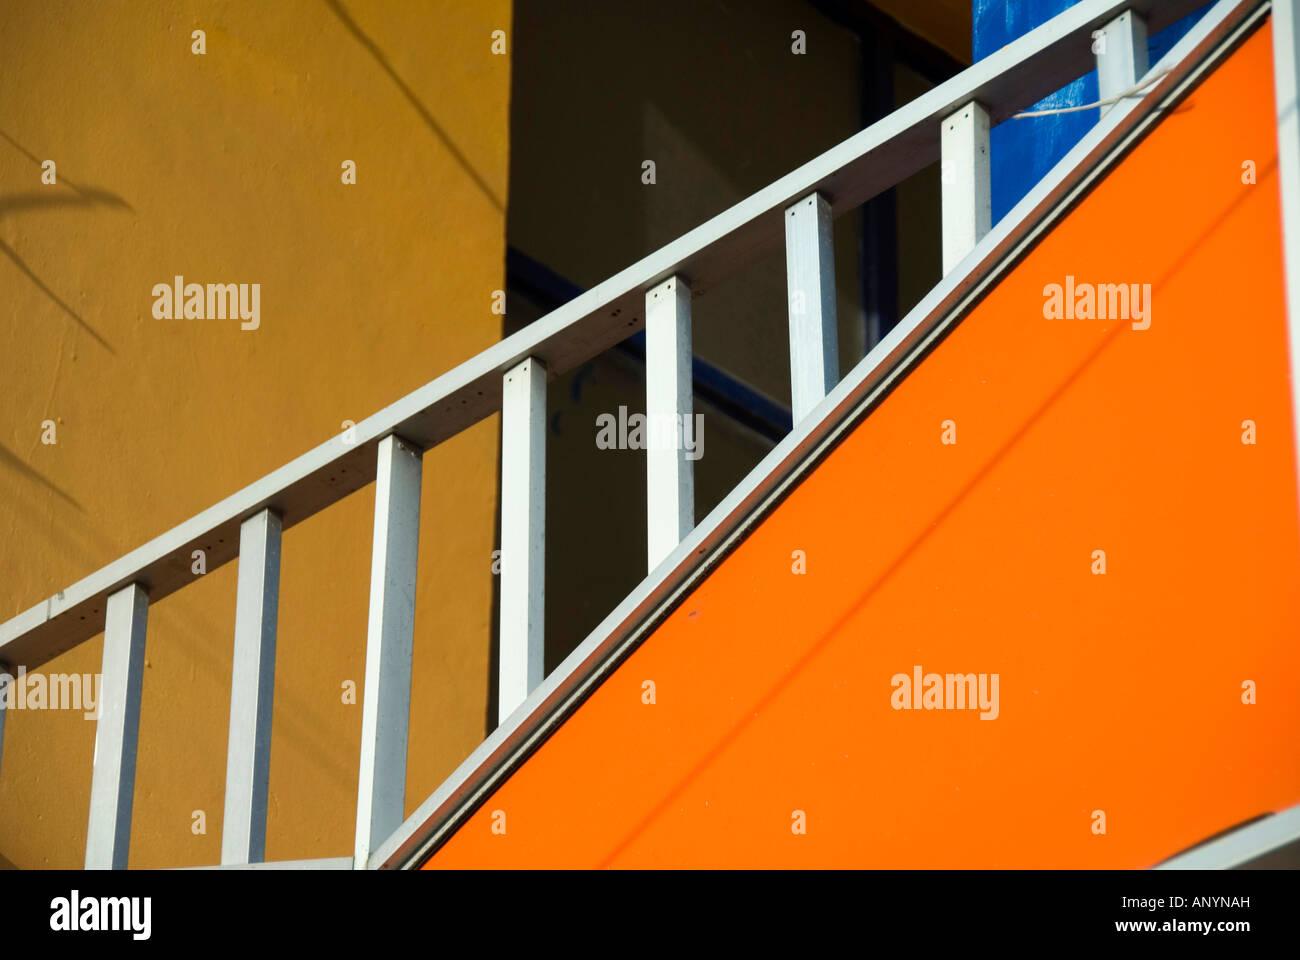 Colori luminosi di architettura messicana Immagini Stock